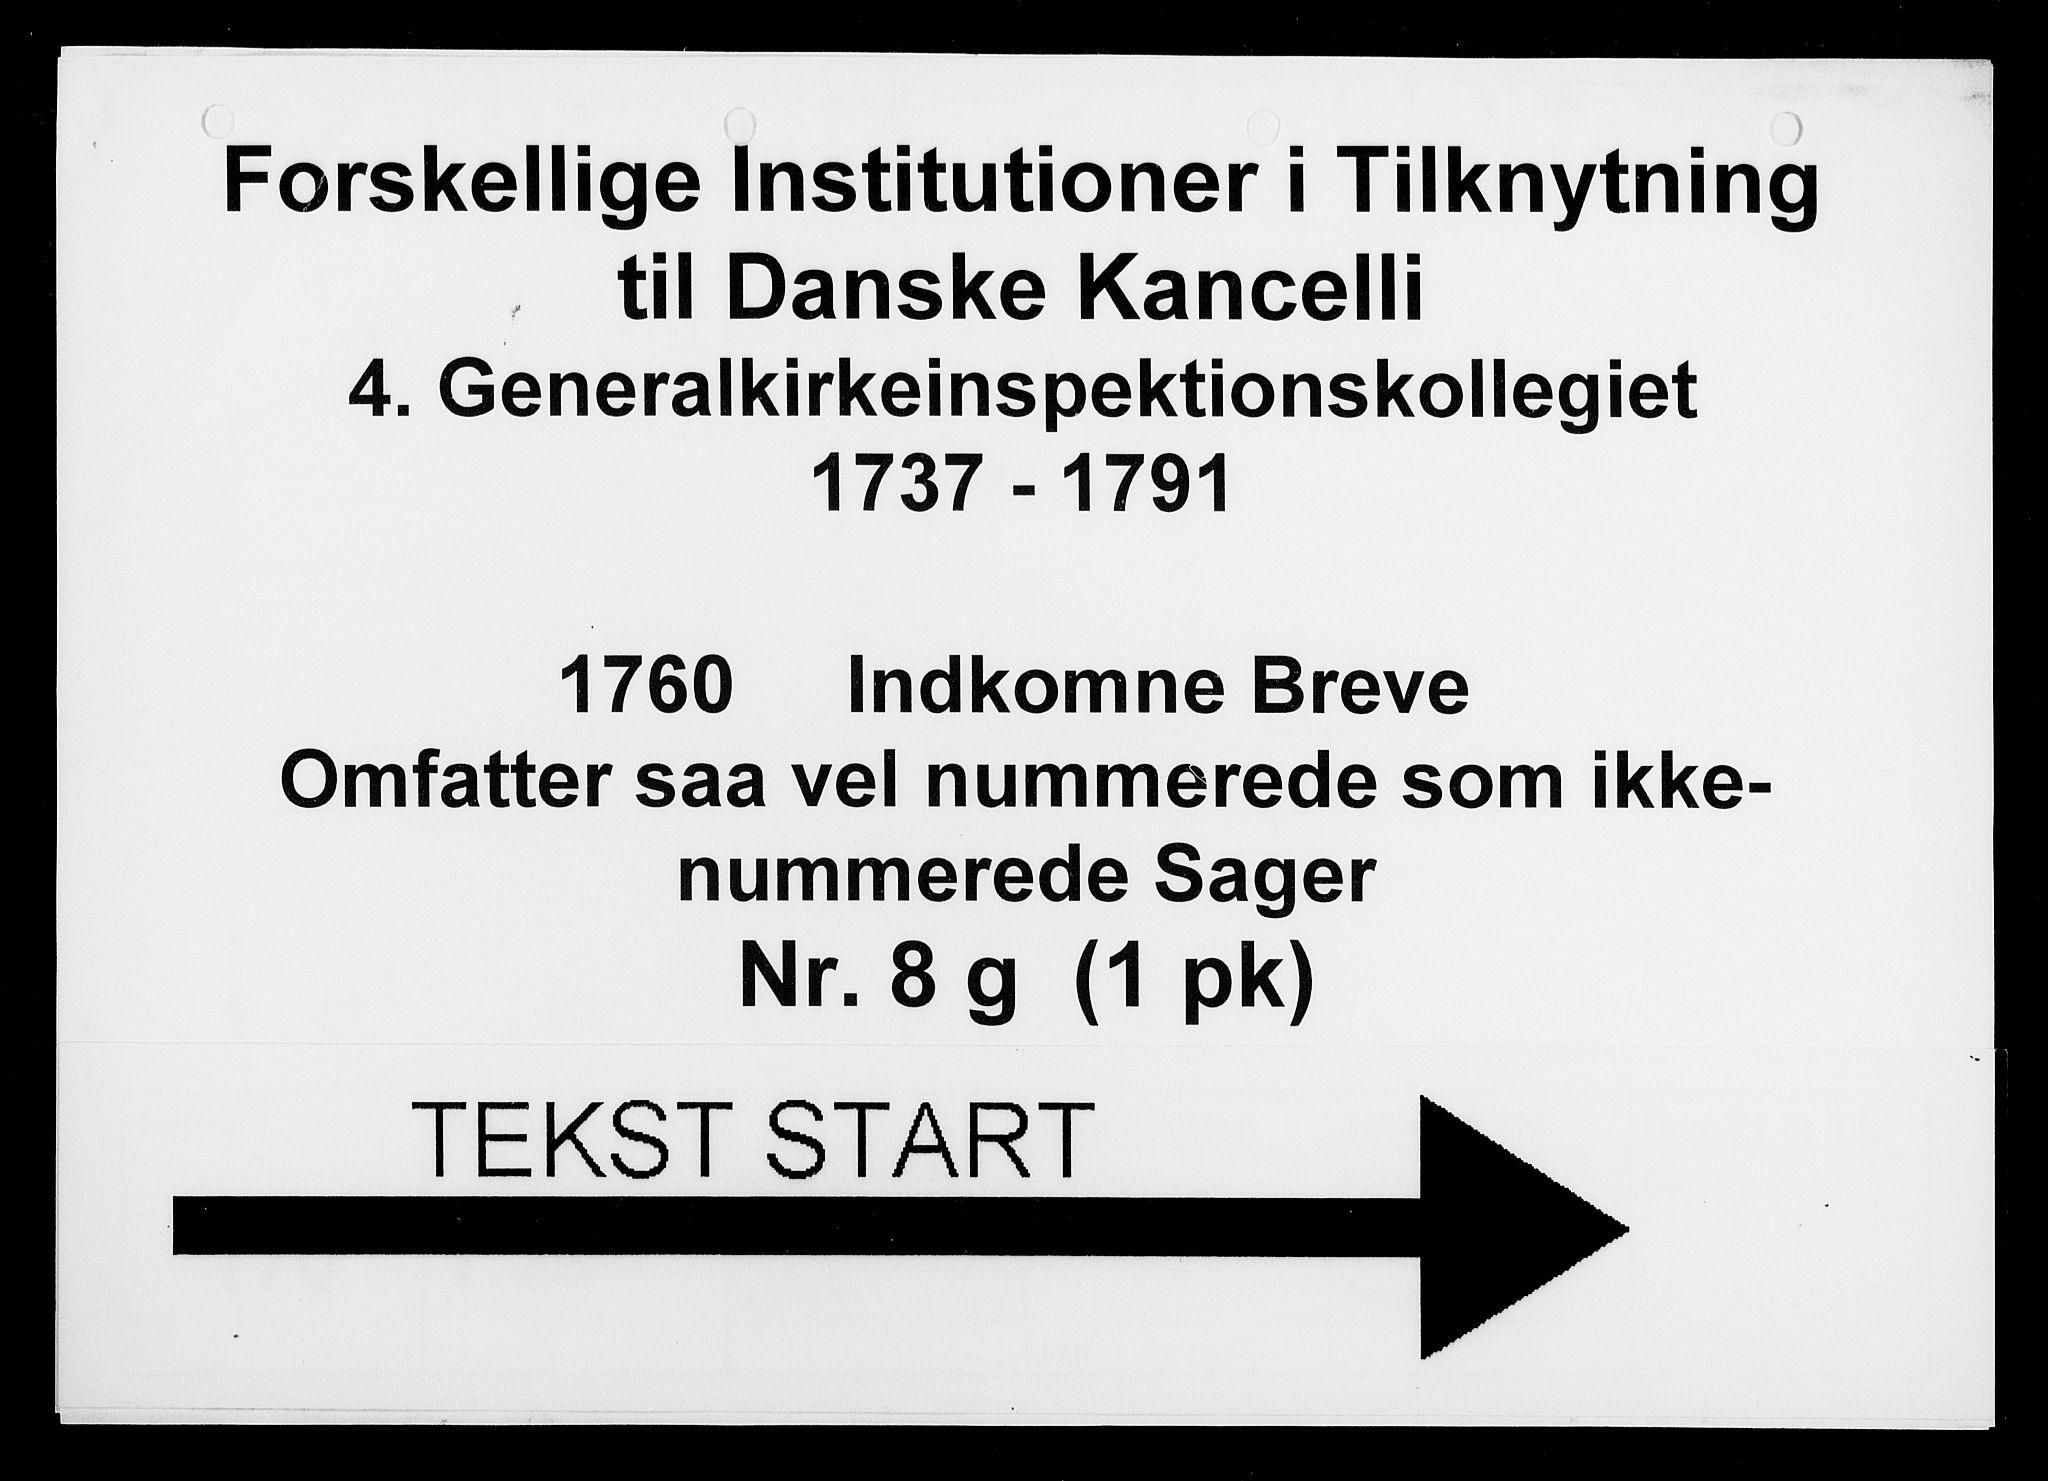 DRA, Generalkirkeinspektionskollegiet, F4-08/F4-08-07: Indkomne sager, 1760